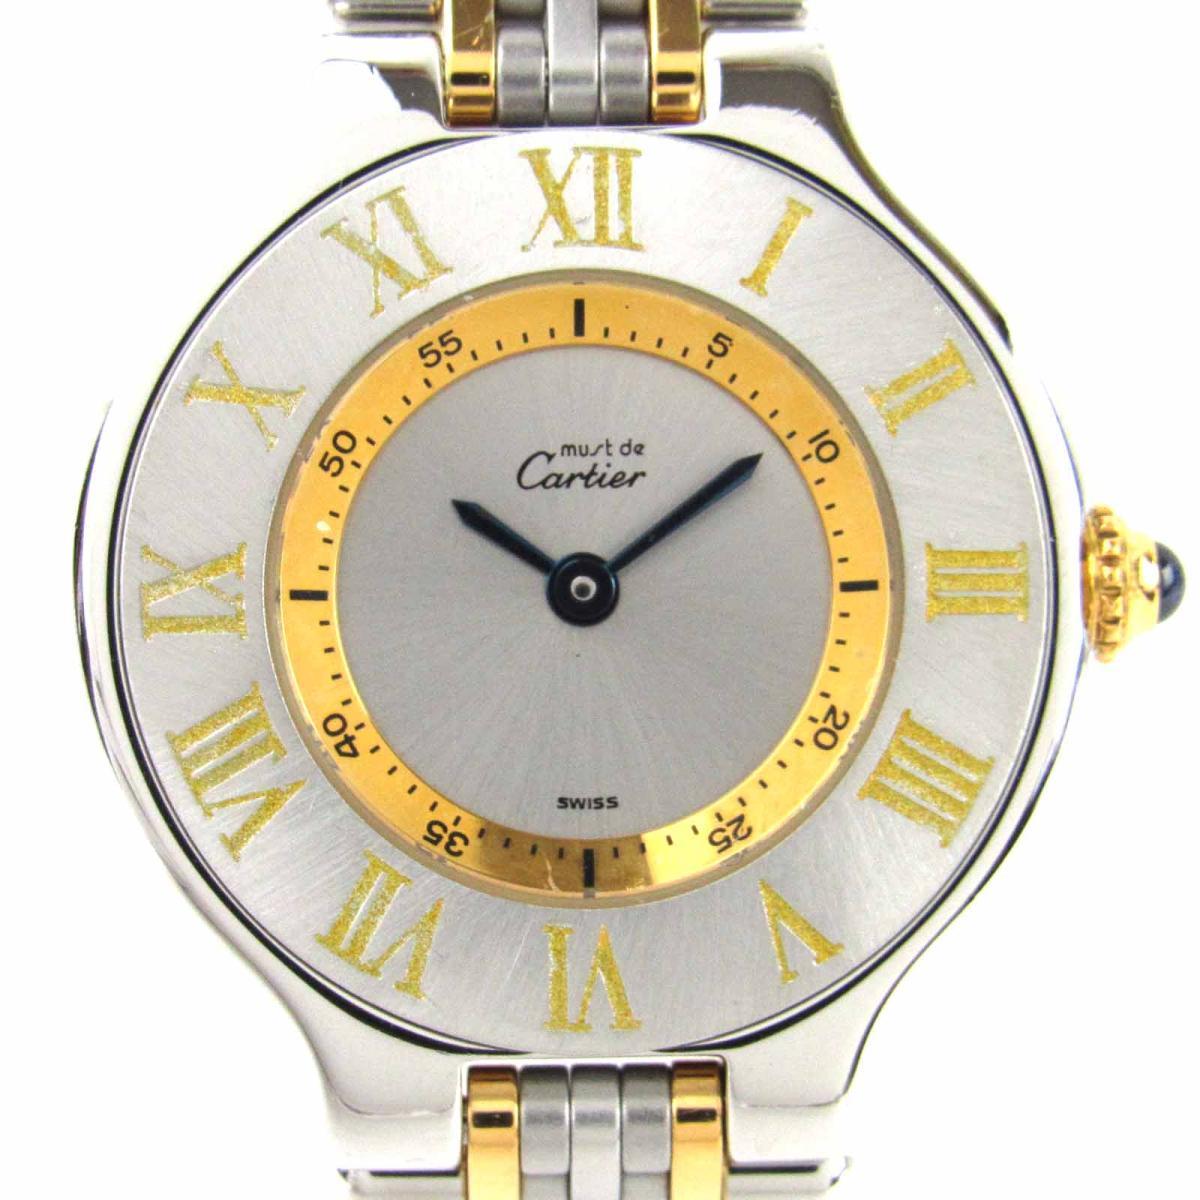 【中古】 カルティエ マスト21 ウォッチ 腕時計 レディース ステンレススチール (SS) x GP (ゴールドメッキ)   Cartier クオーツ クォーツ 時計 マスト21 美品 ブランドオフ